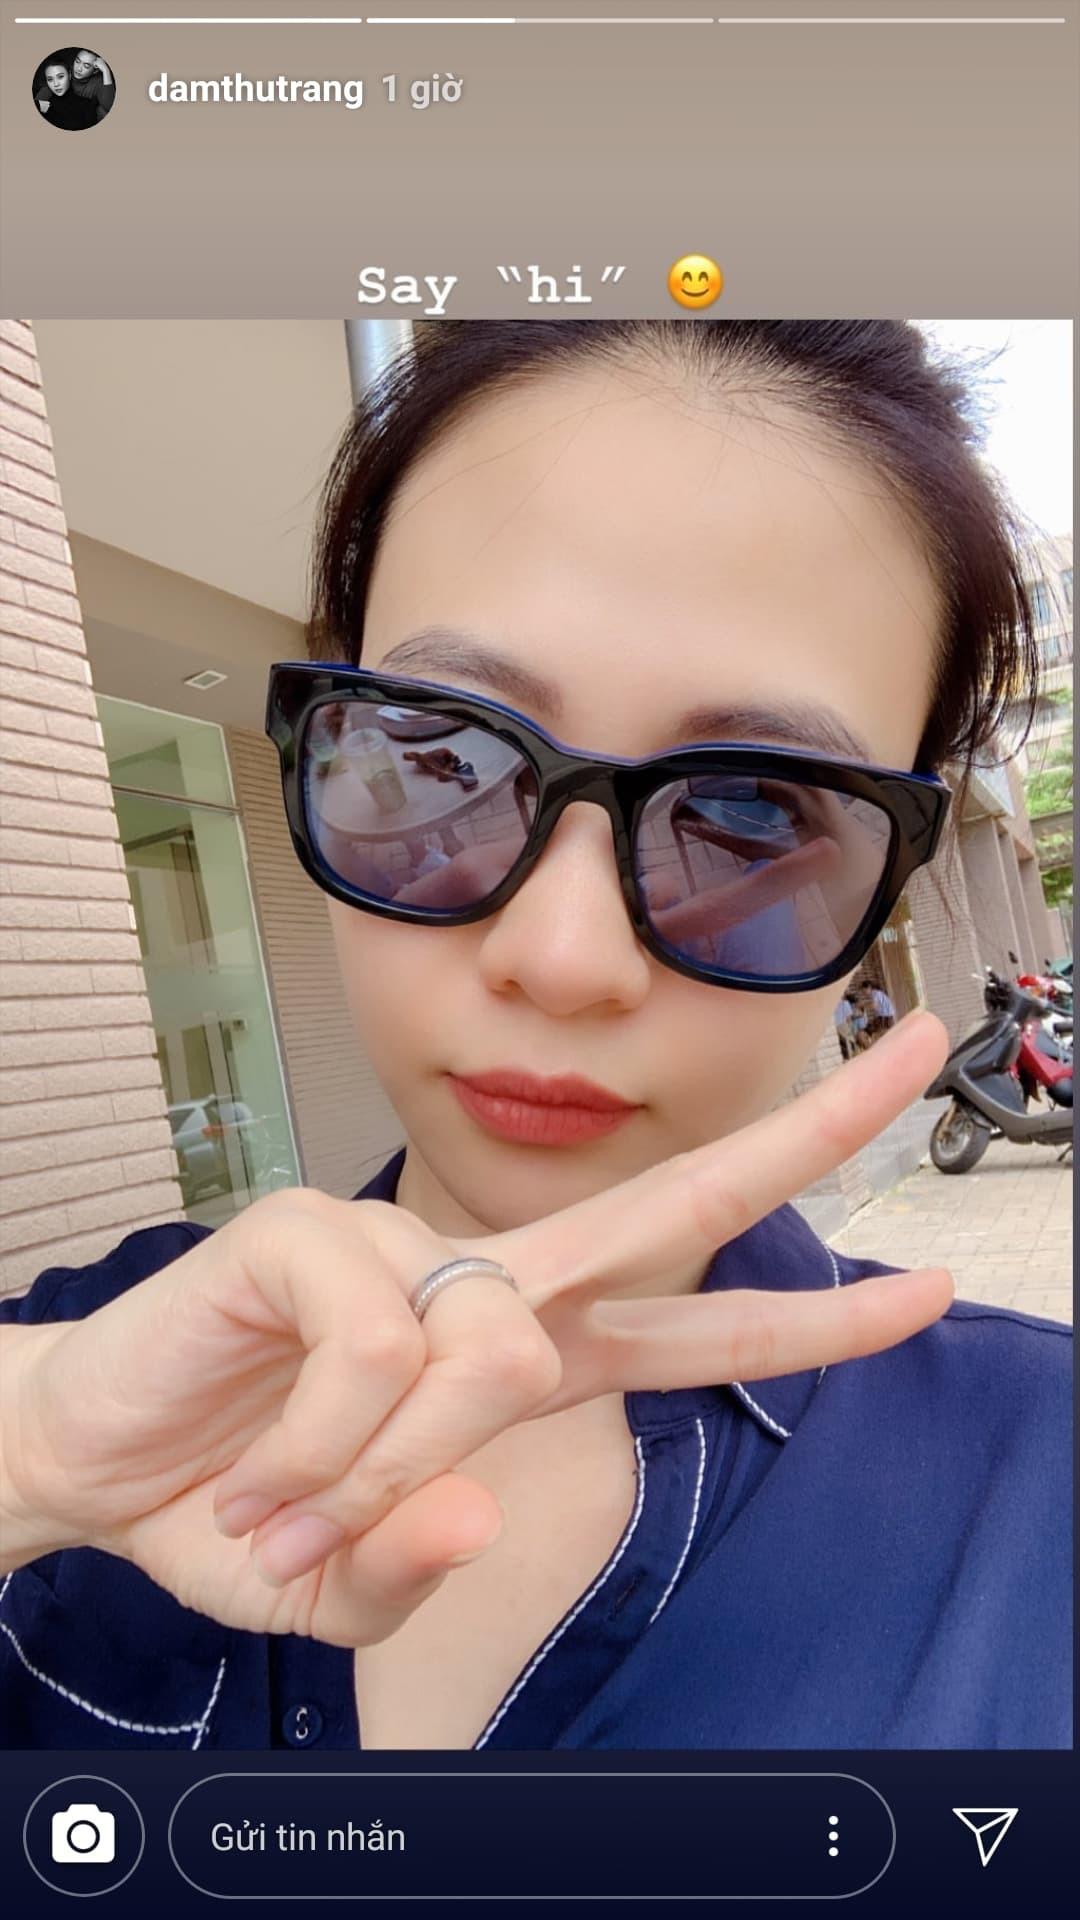 Đàm Thu Trang biểu hiện 'tăng động' trước giờ G, tung ảnh cưới 'đẹp phát hờn' - Ảnh 1